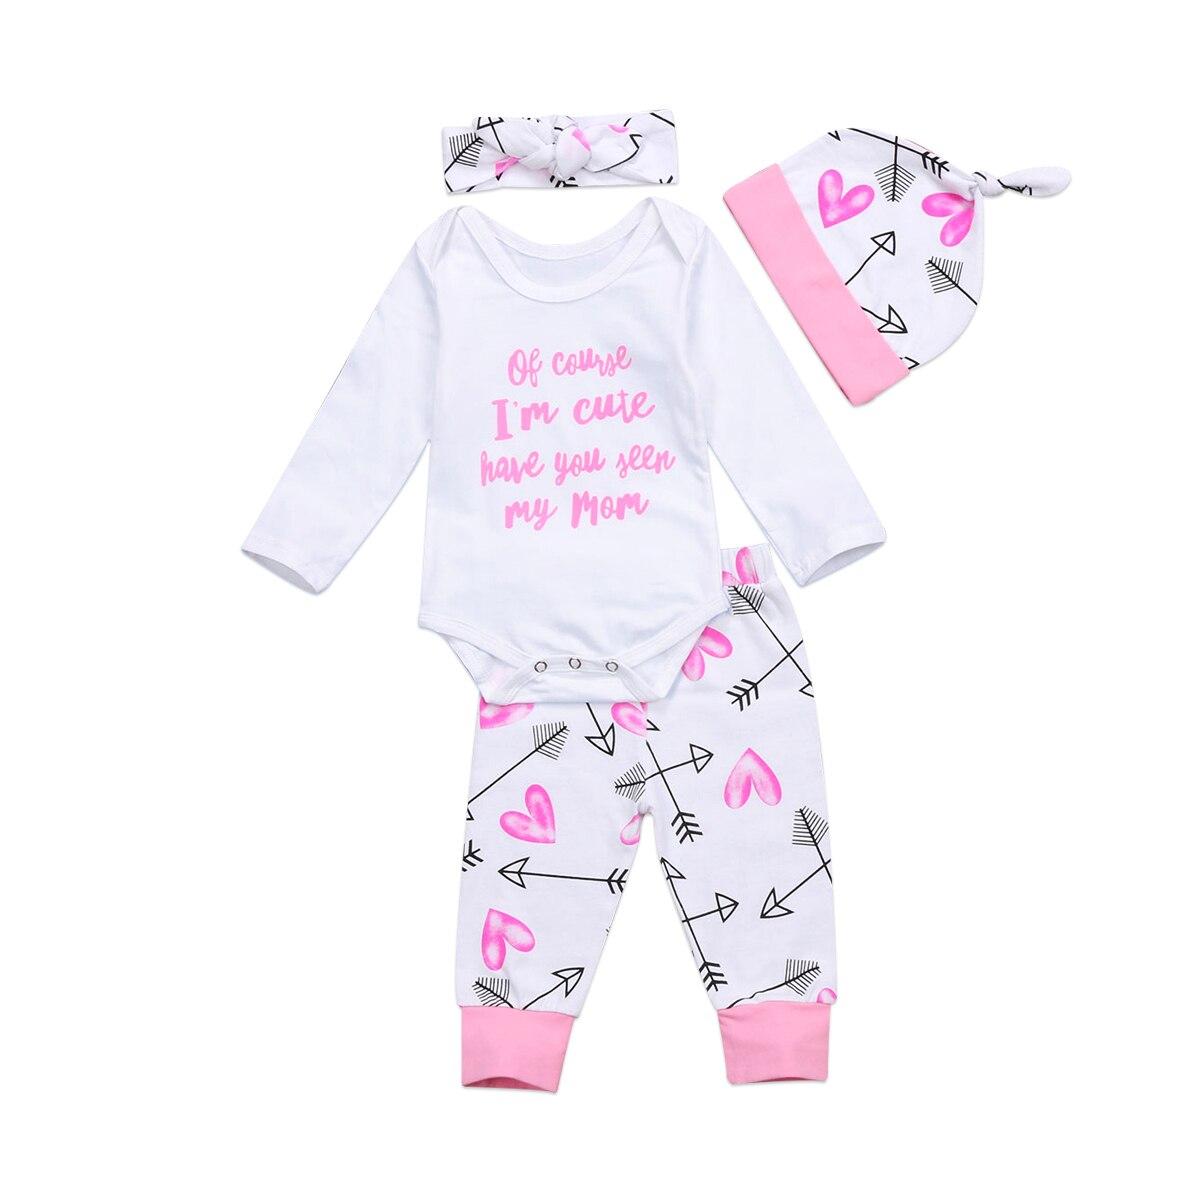 Newborn Infant Baby Kids Girls Clothes Romper Jumpsuit Bodysuit+Pants Outfit Set